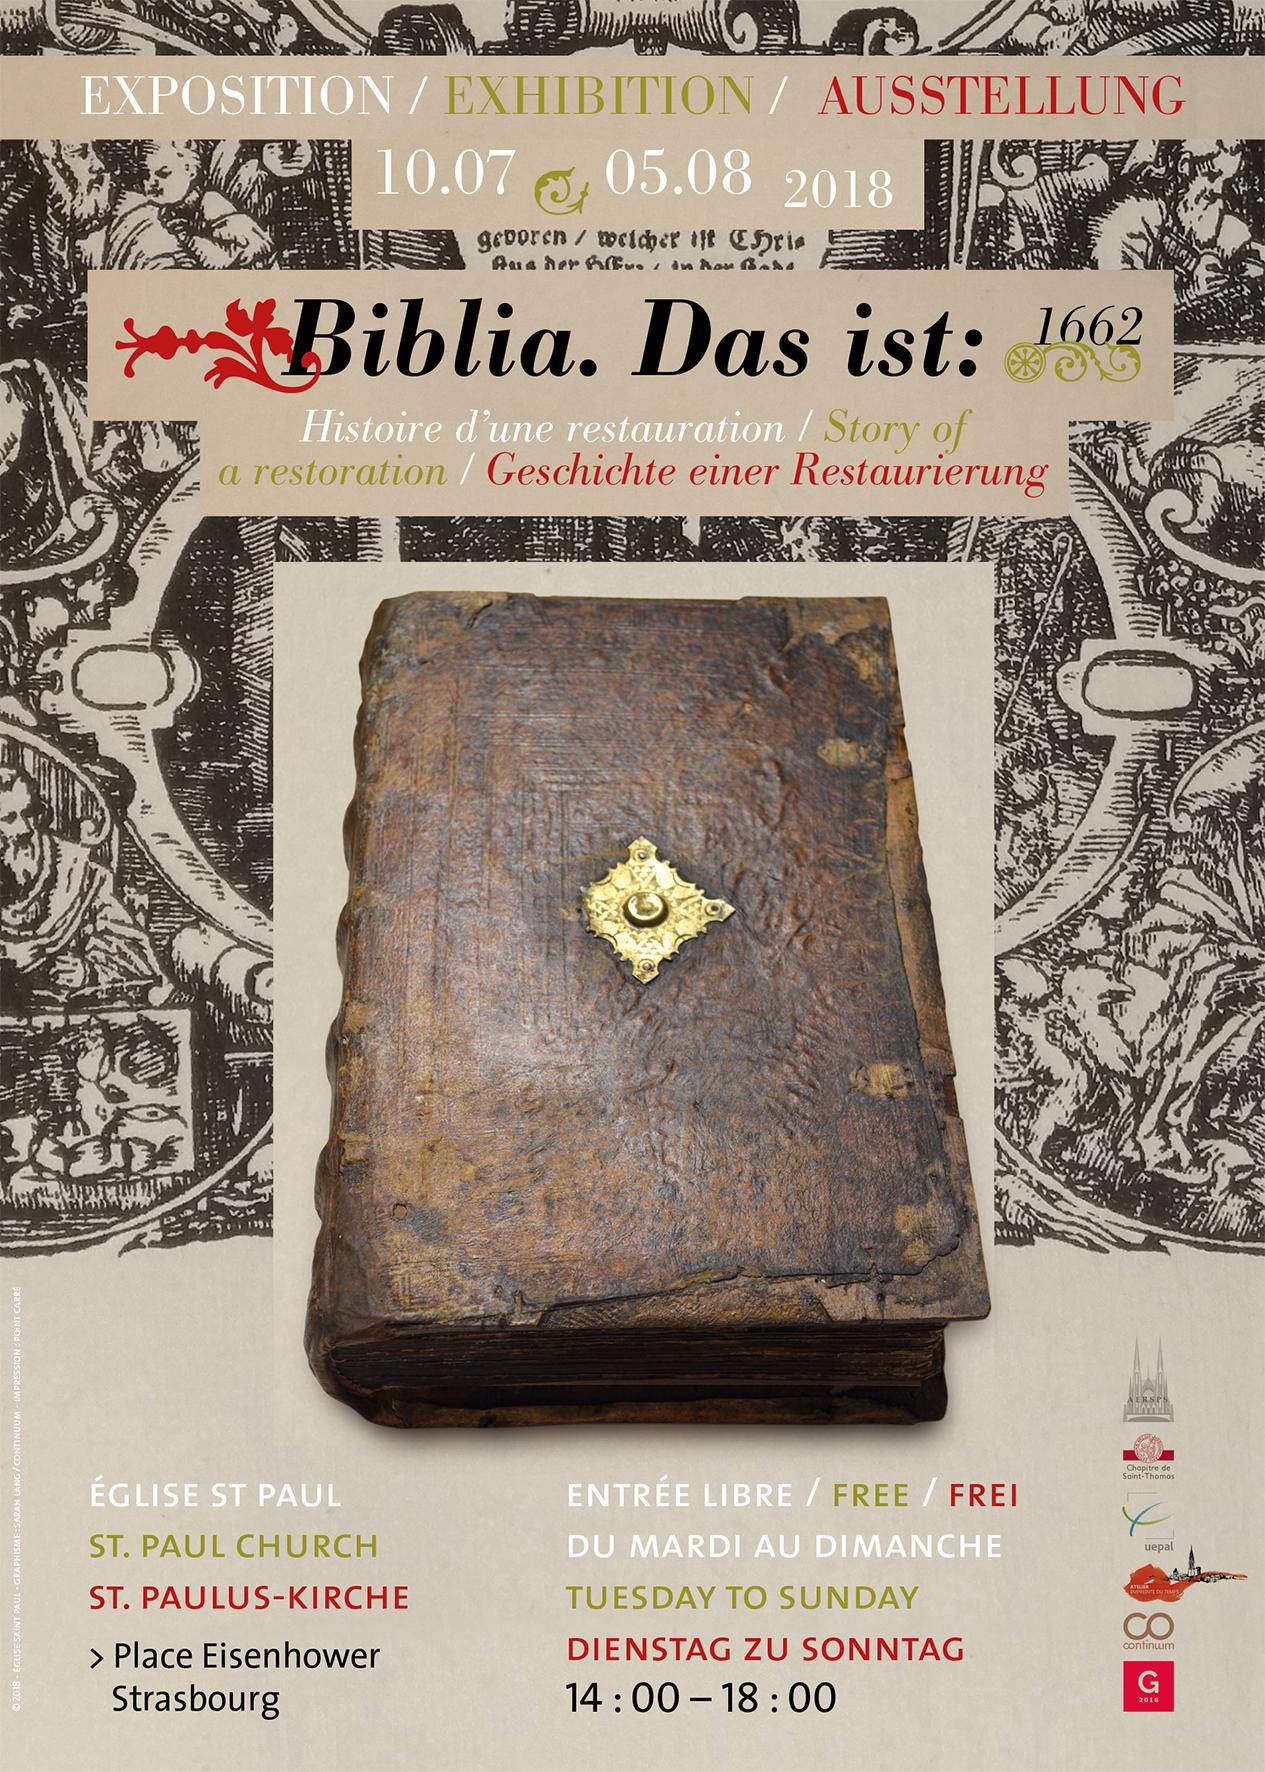 Biblia, Das ist: Histoire d'une restauration